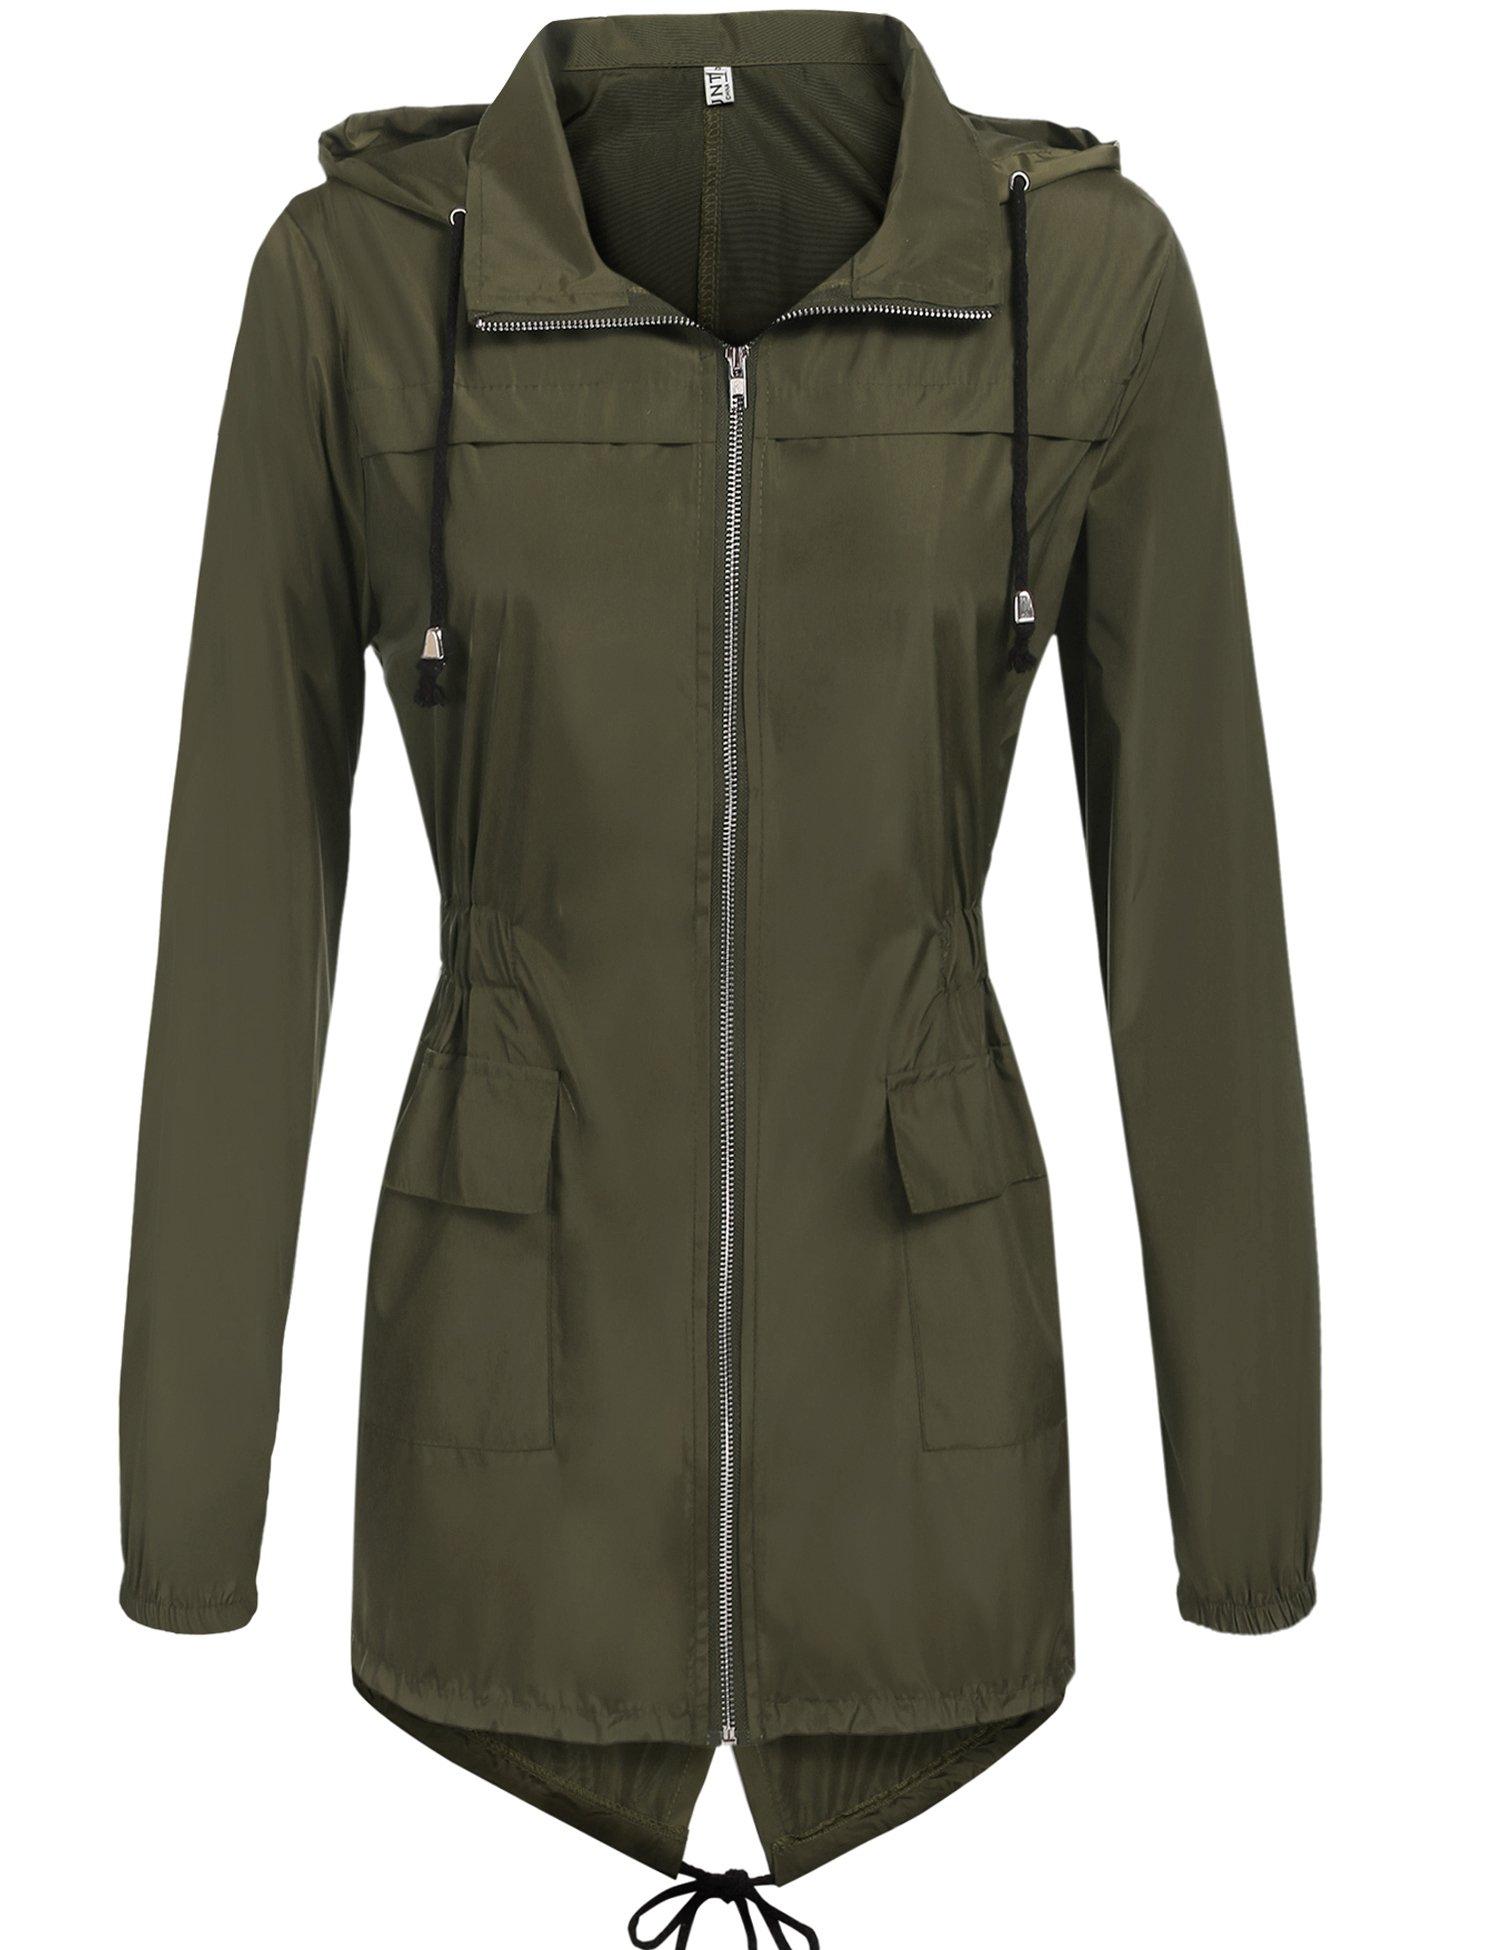 Hount Women's Lightweight Active Outdoor Waterproof Raincoat Hooded Rain Jacket (Army Green, L)